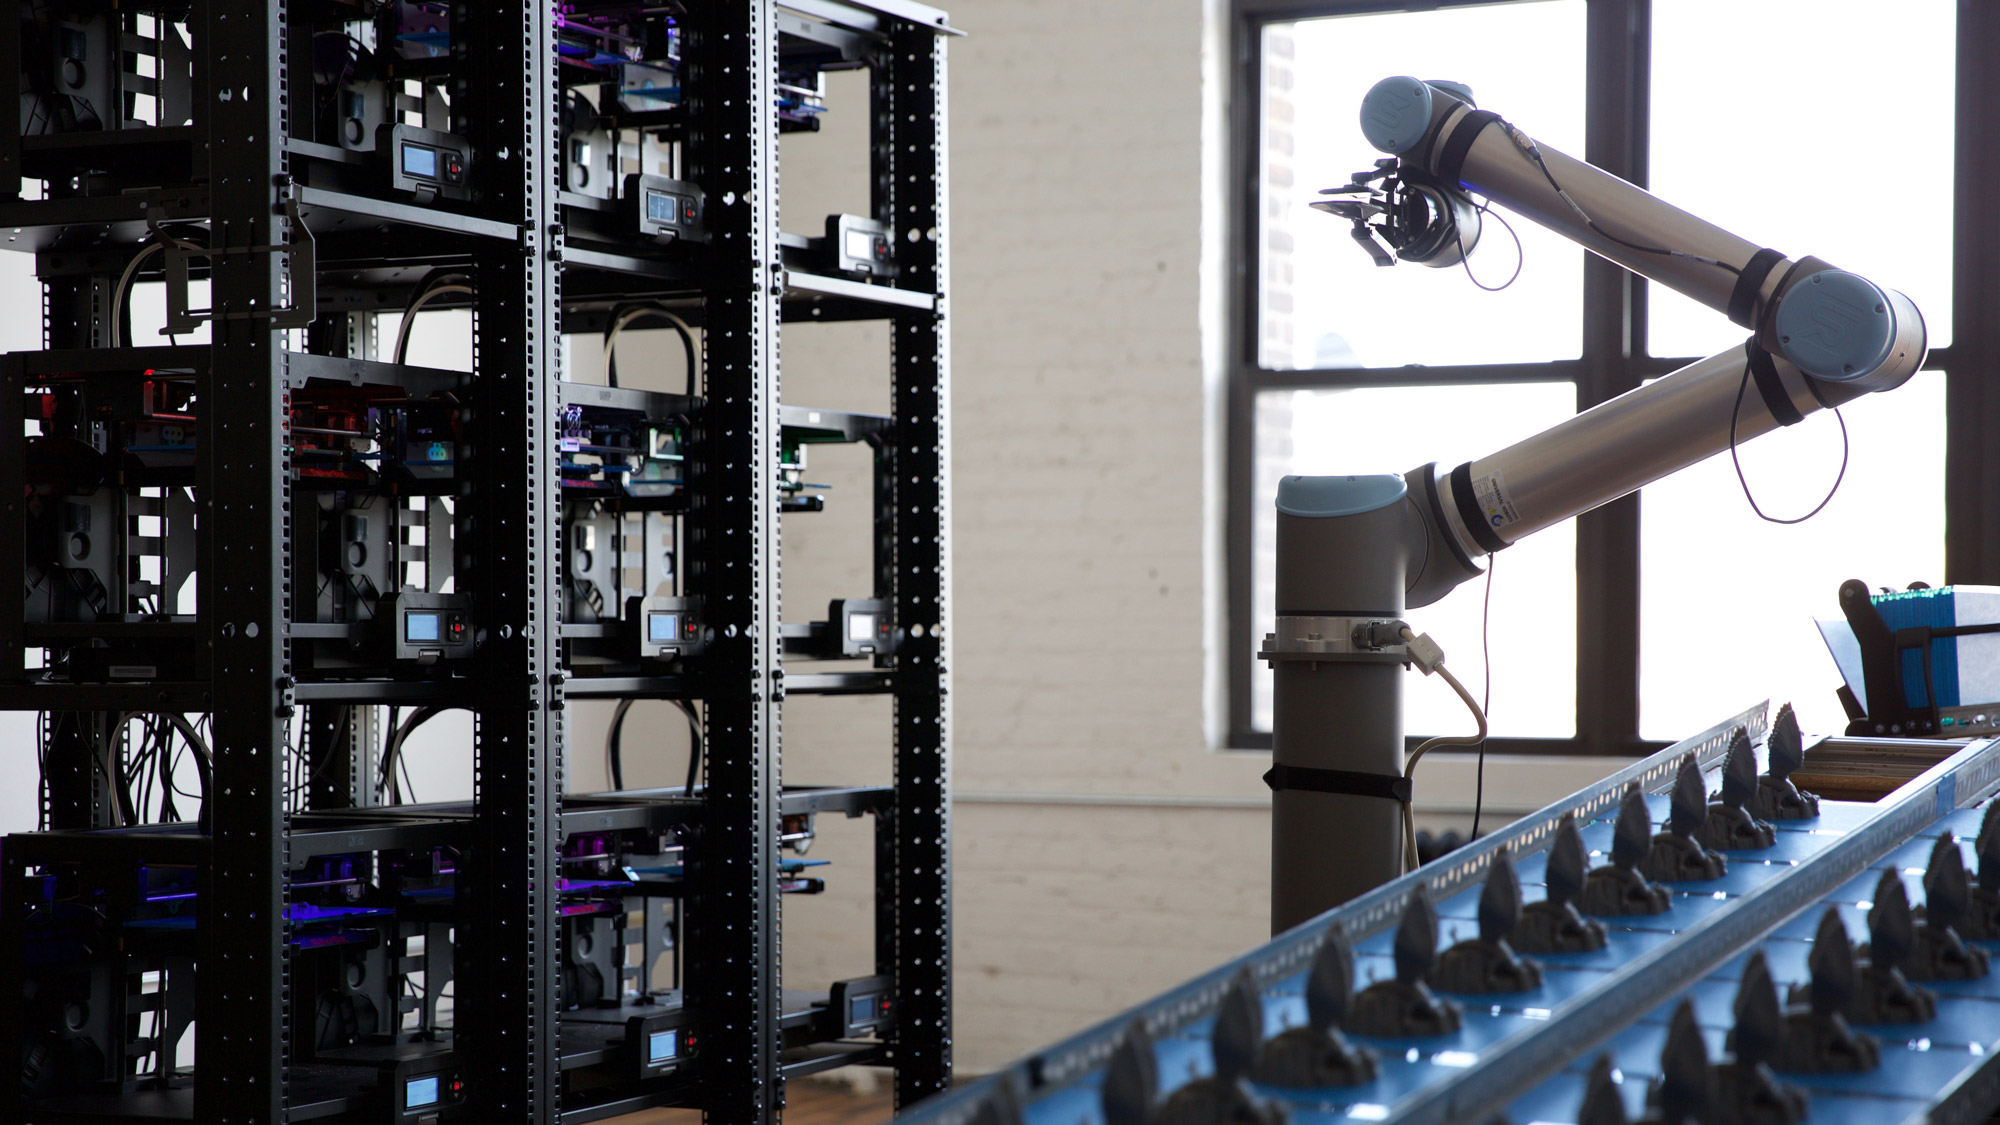 Les meilleurs services d'impression 3D en ligne de 2020 | All3DP